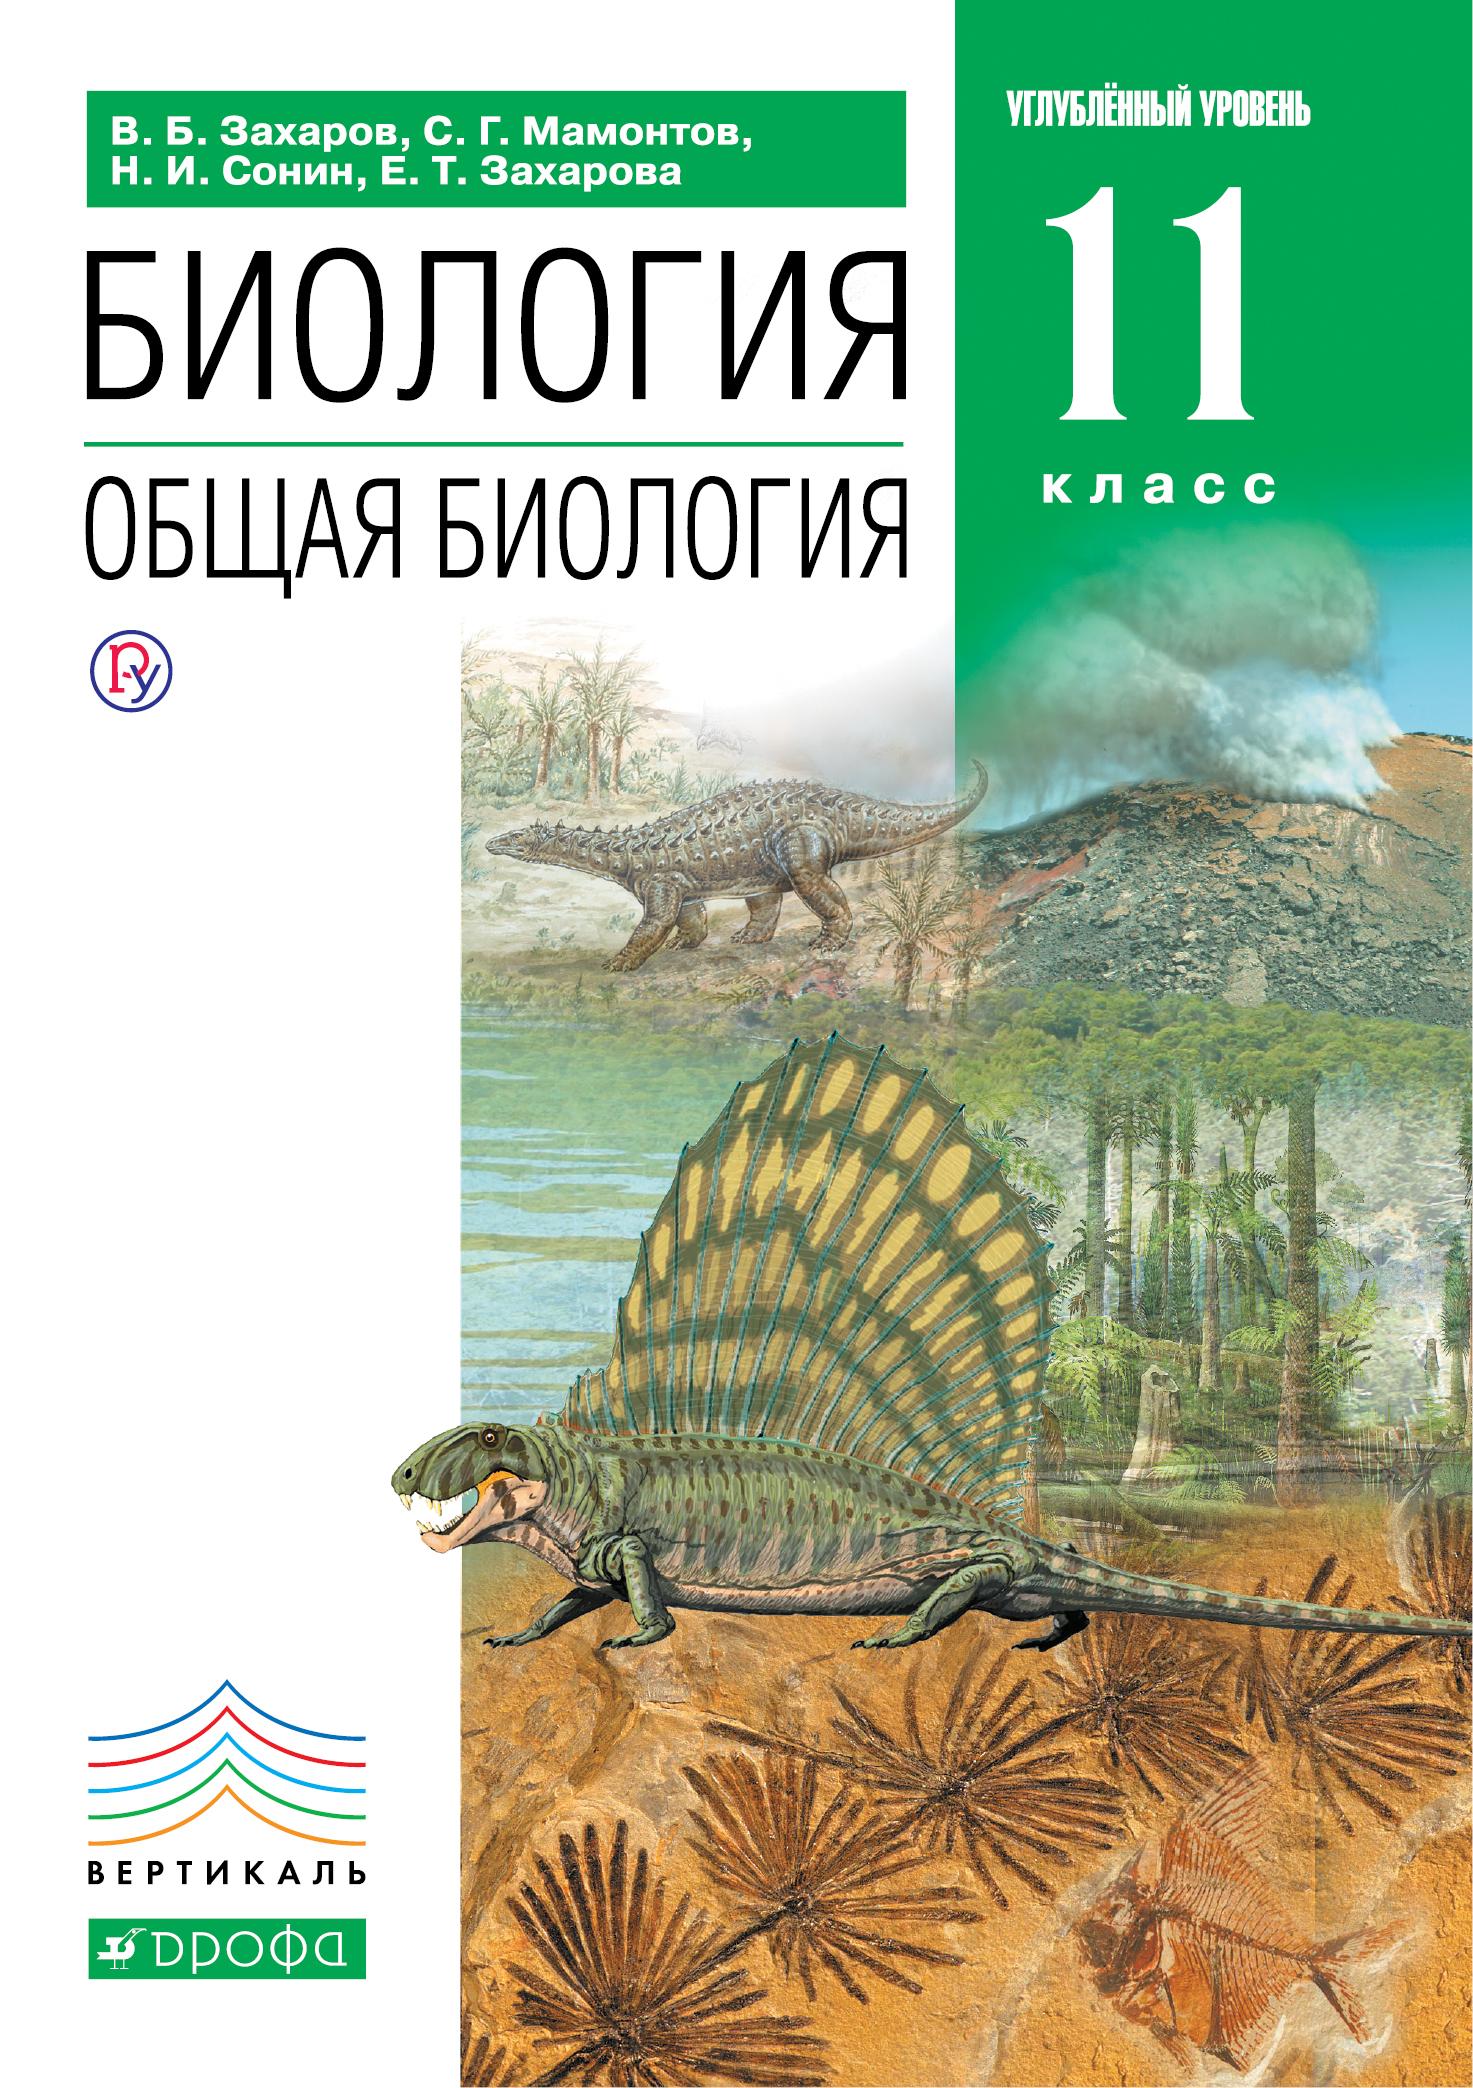 Биология. Общая биология. 11 класс. Углубленный уровень. Учебник ( Захаров В.Б., Мамонтов С.Г., Сонин Н.И.  )